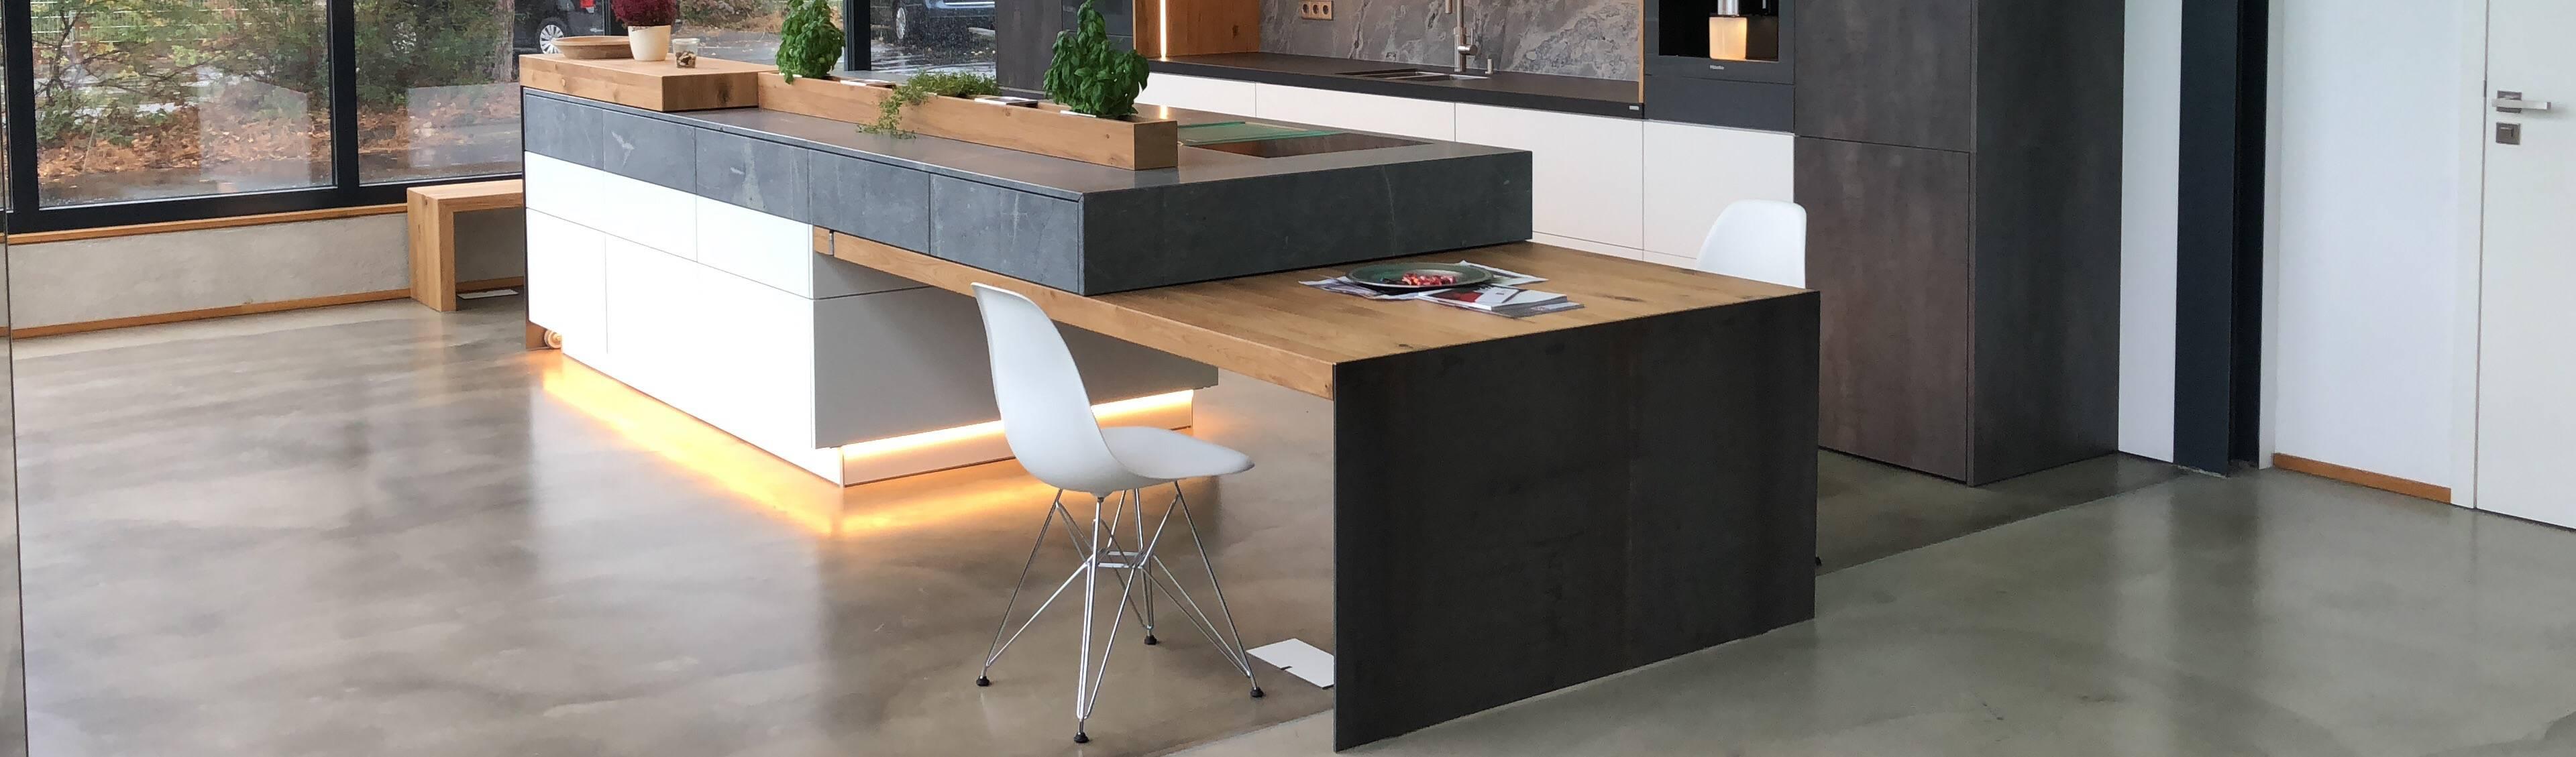 Ebbecke GmbH – excellent einrichten